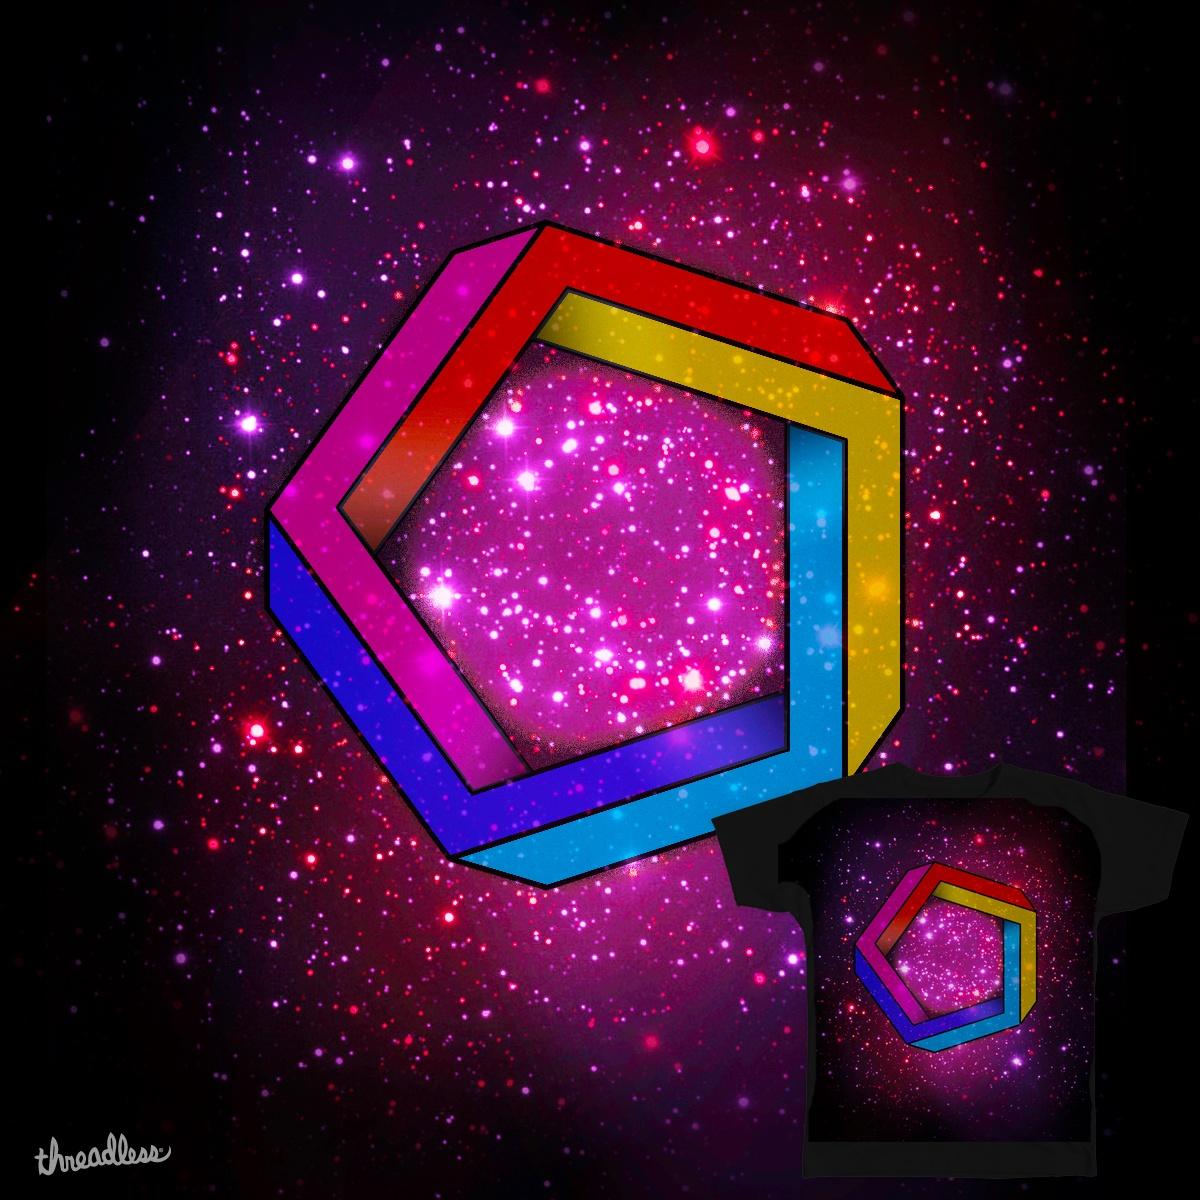 3D Pentagon Illusion by RilstaJB on Threadless